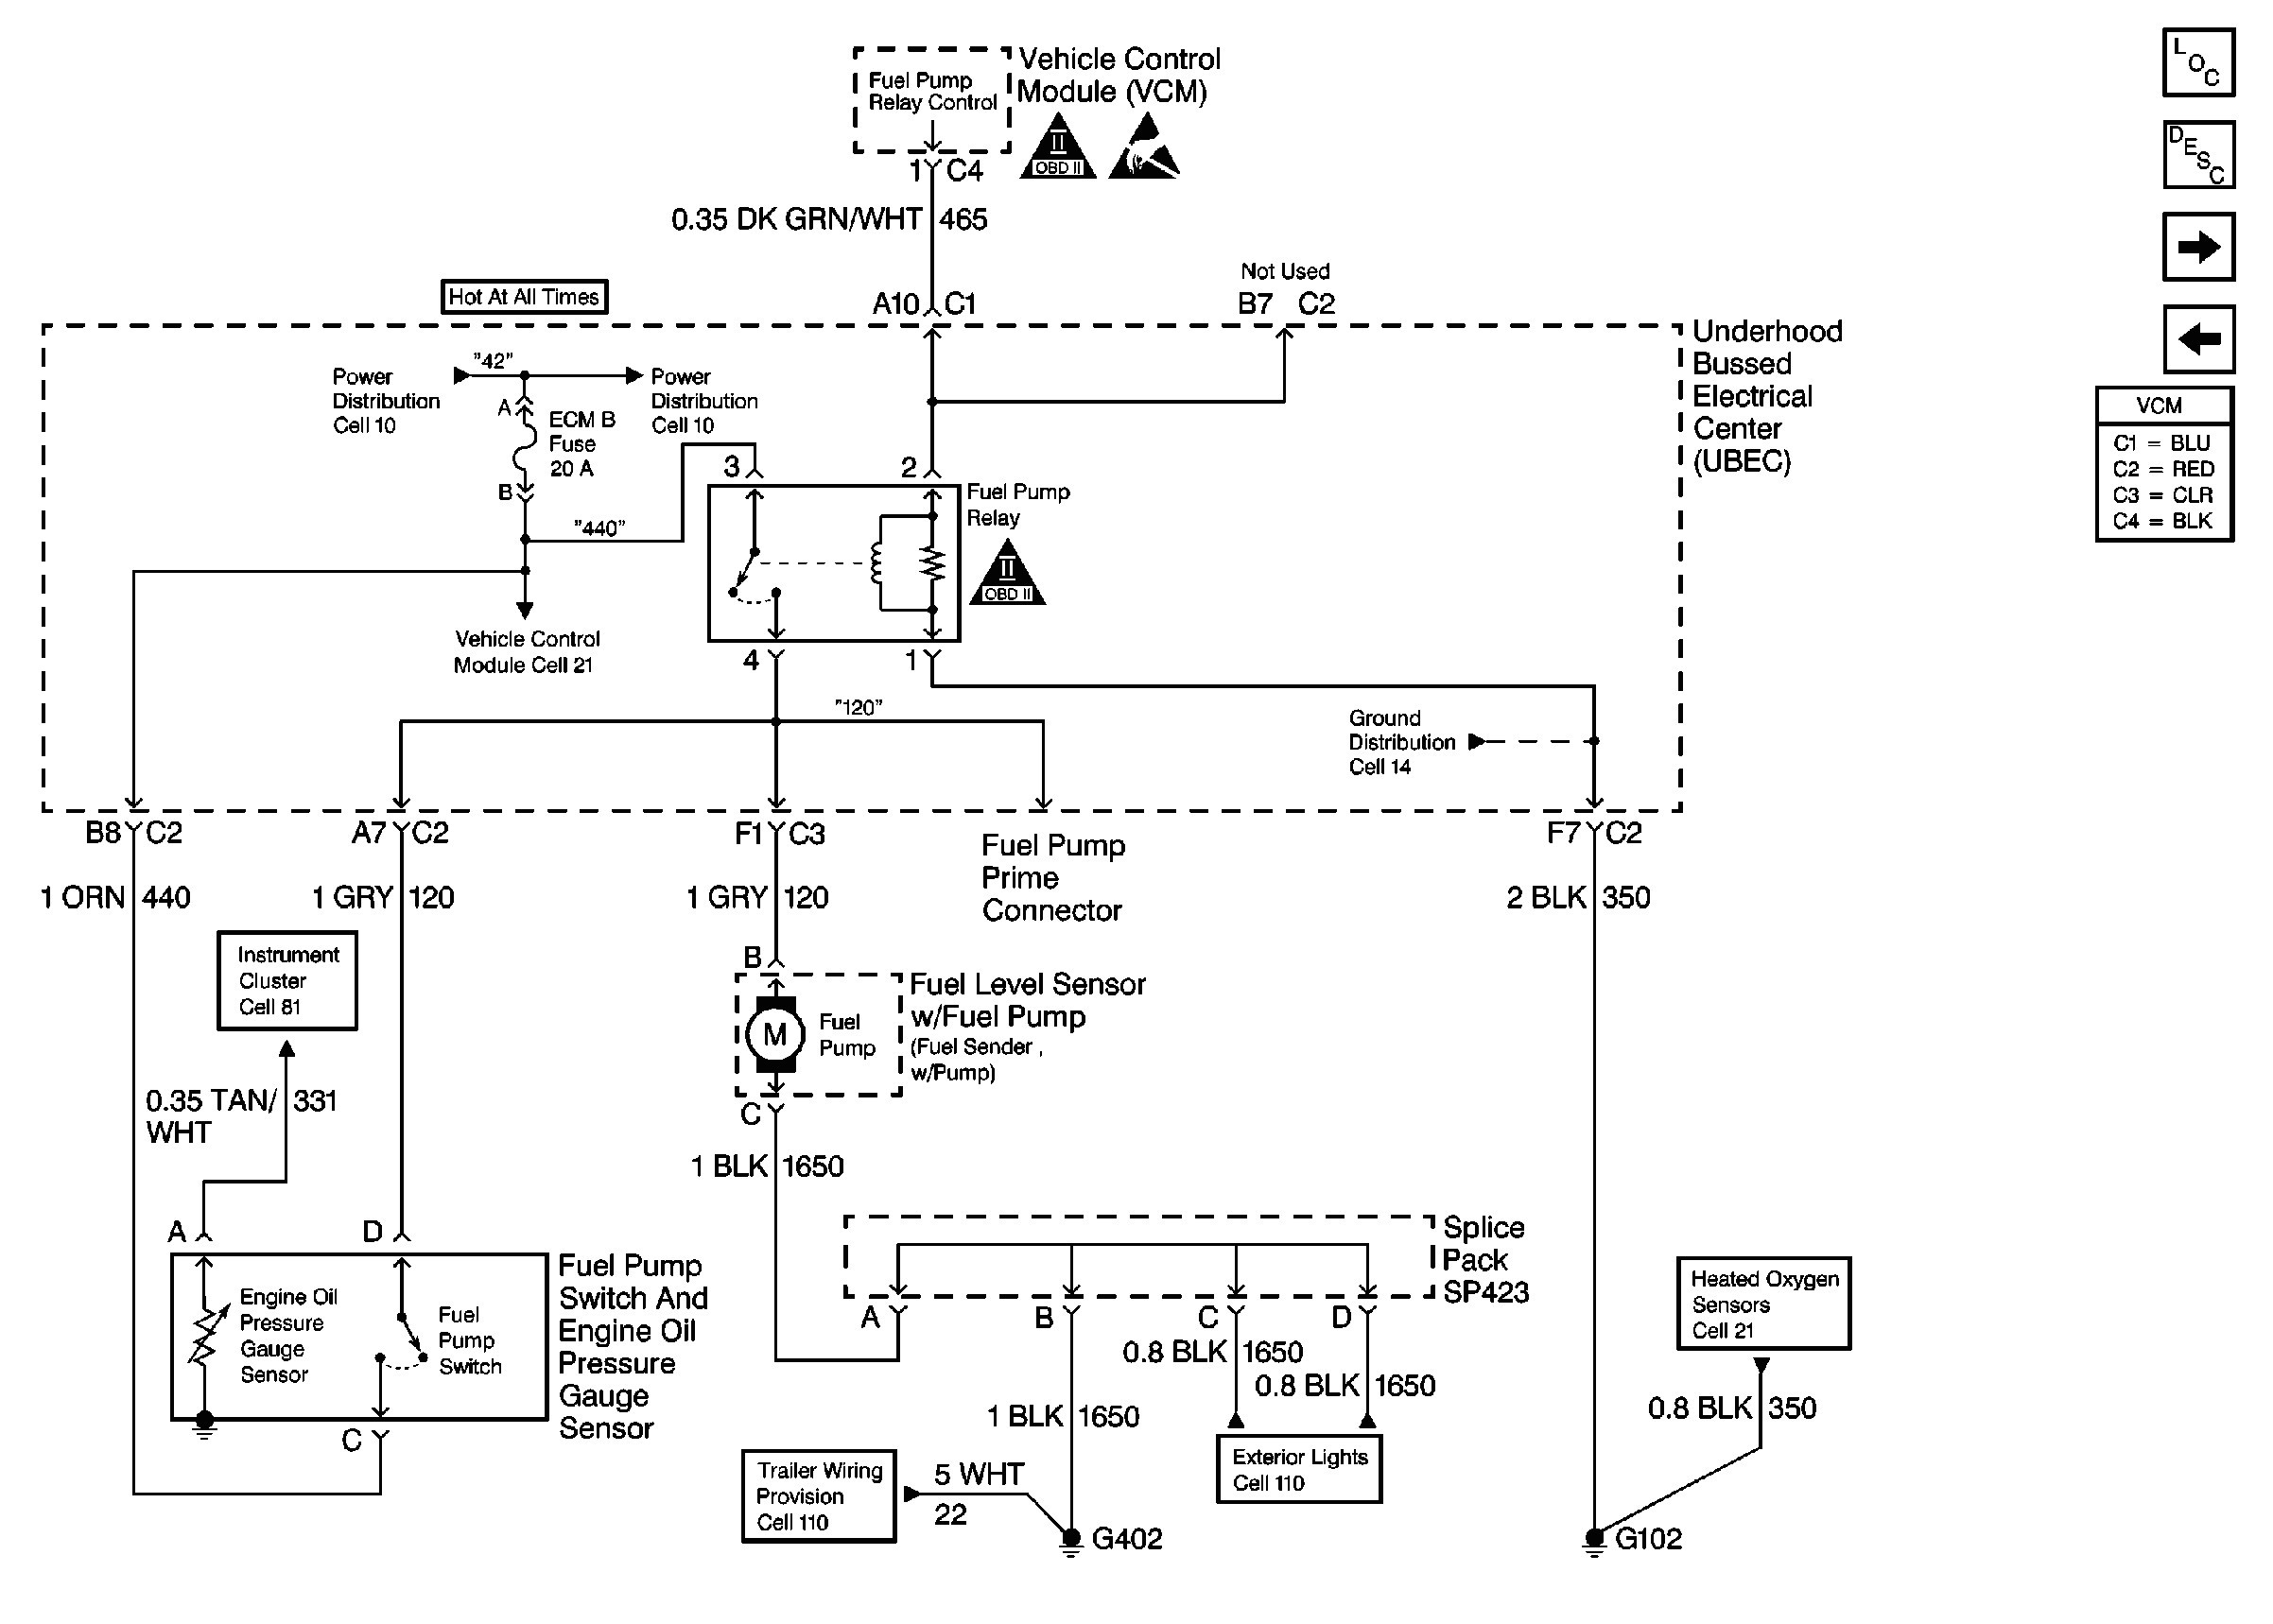 2003 Chevy Blazer Engine Diagram Awesome Fuel Pump Wiring Harness Diagram Diagram Of 2003 Chevy Blazer Engine Diagram